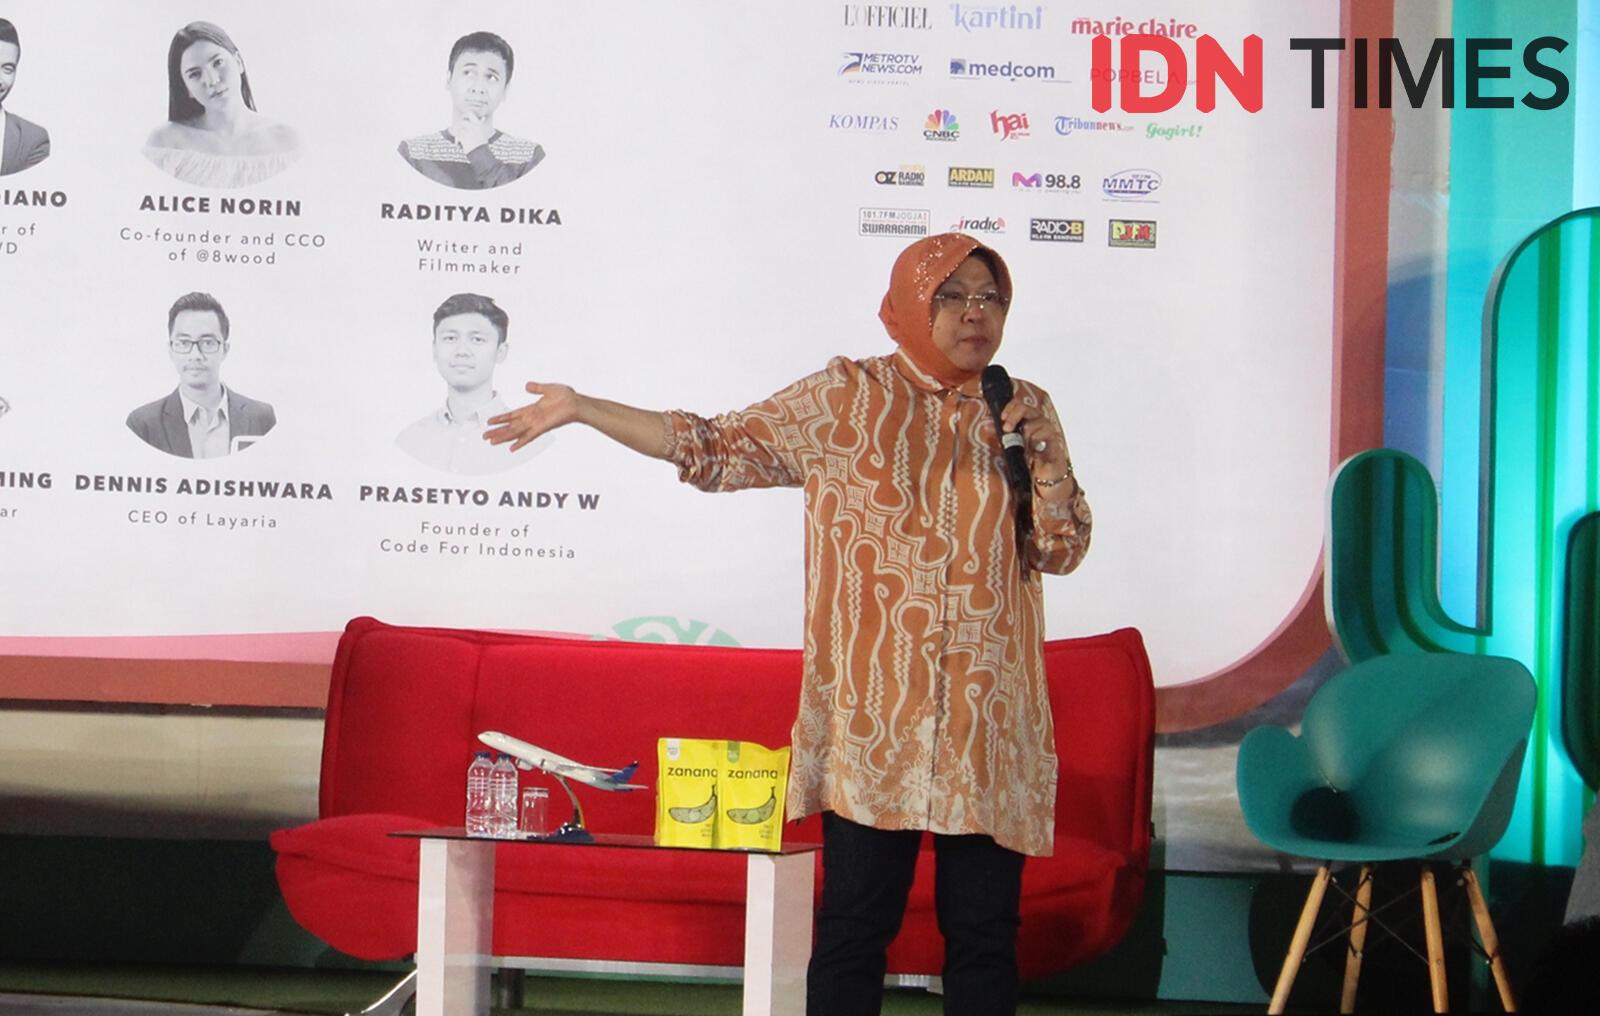 Usai Rentetan Teror, Surabaya Sederhanakan Perayaan Hari Jadi